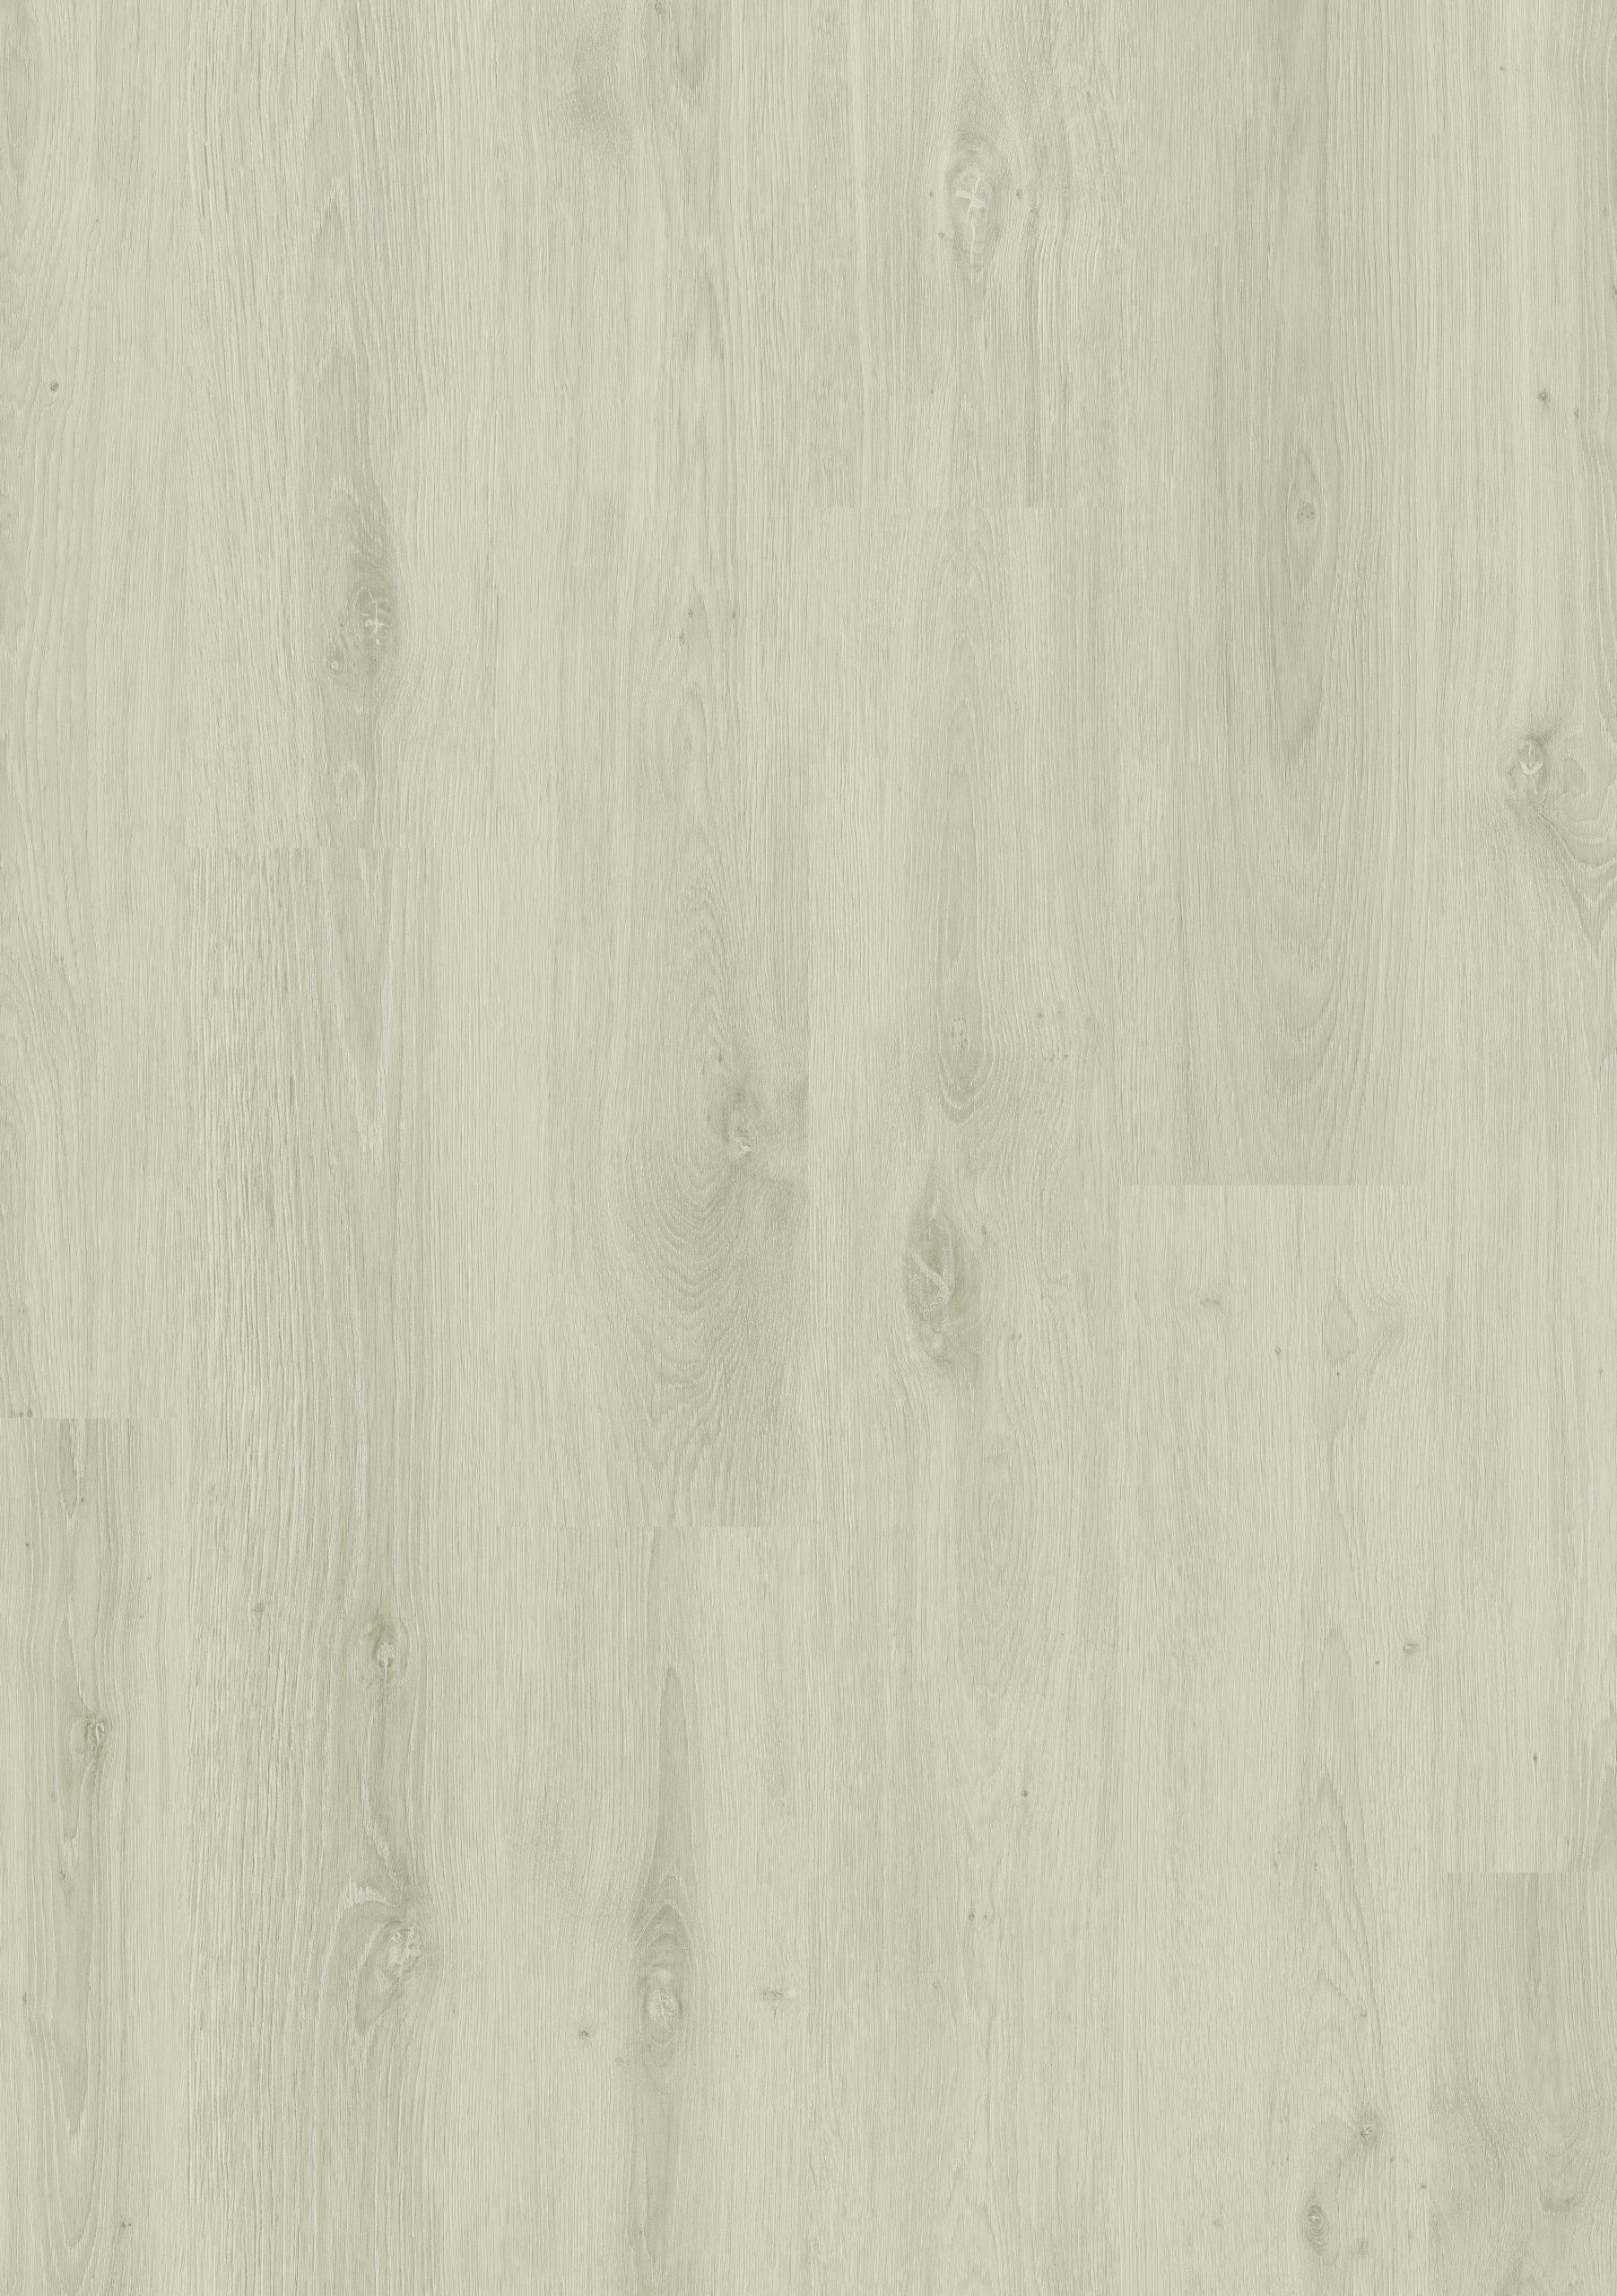 Afbeelding van vloersoort Balmoral XL V2 Knokke 4105